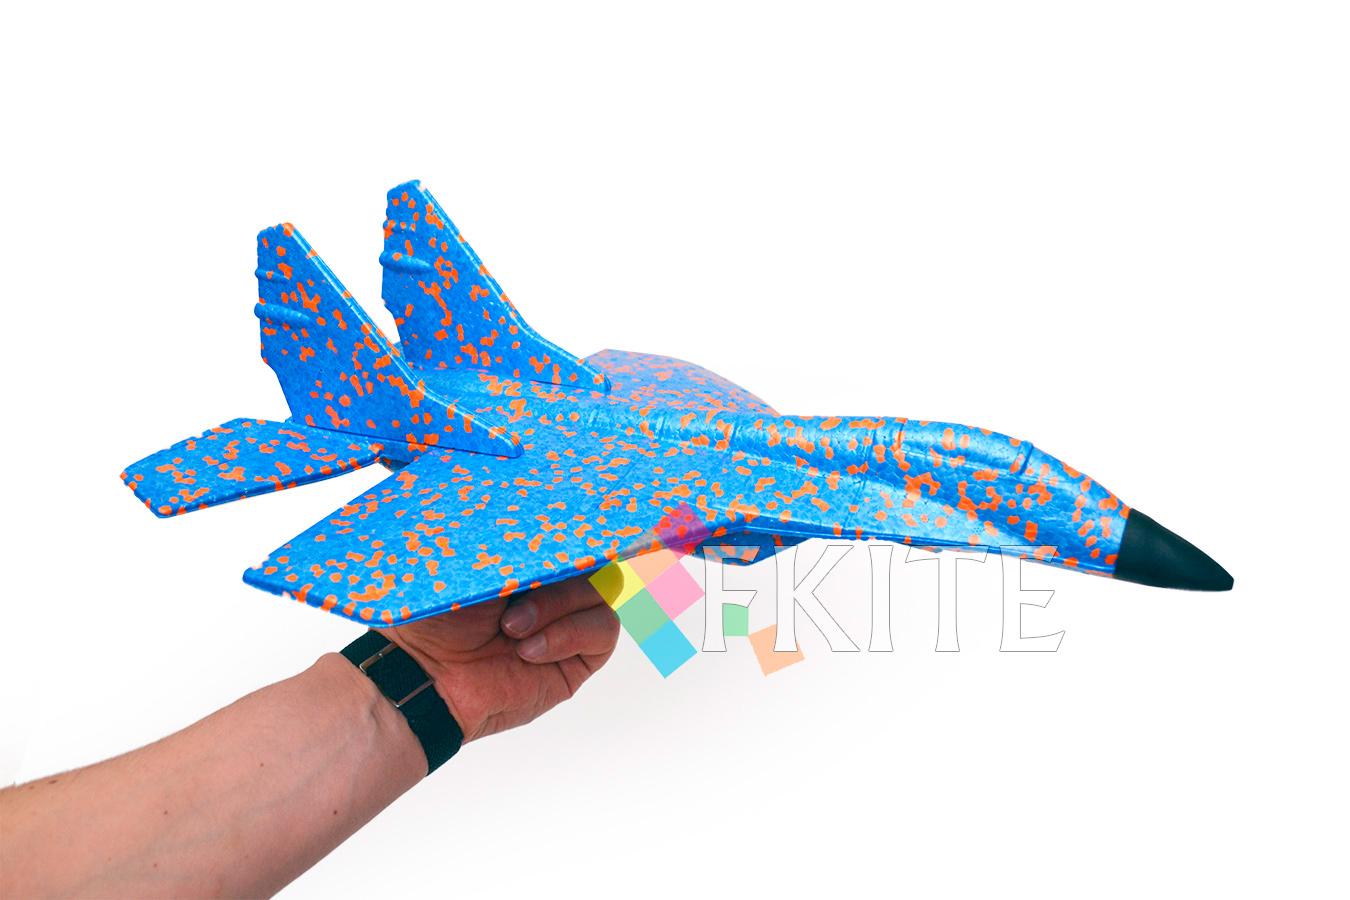 Планер Су-35 изображение 1